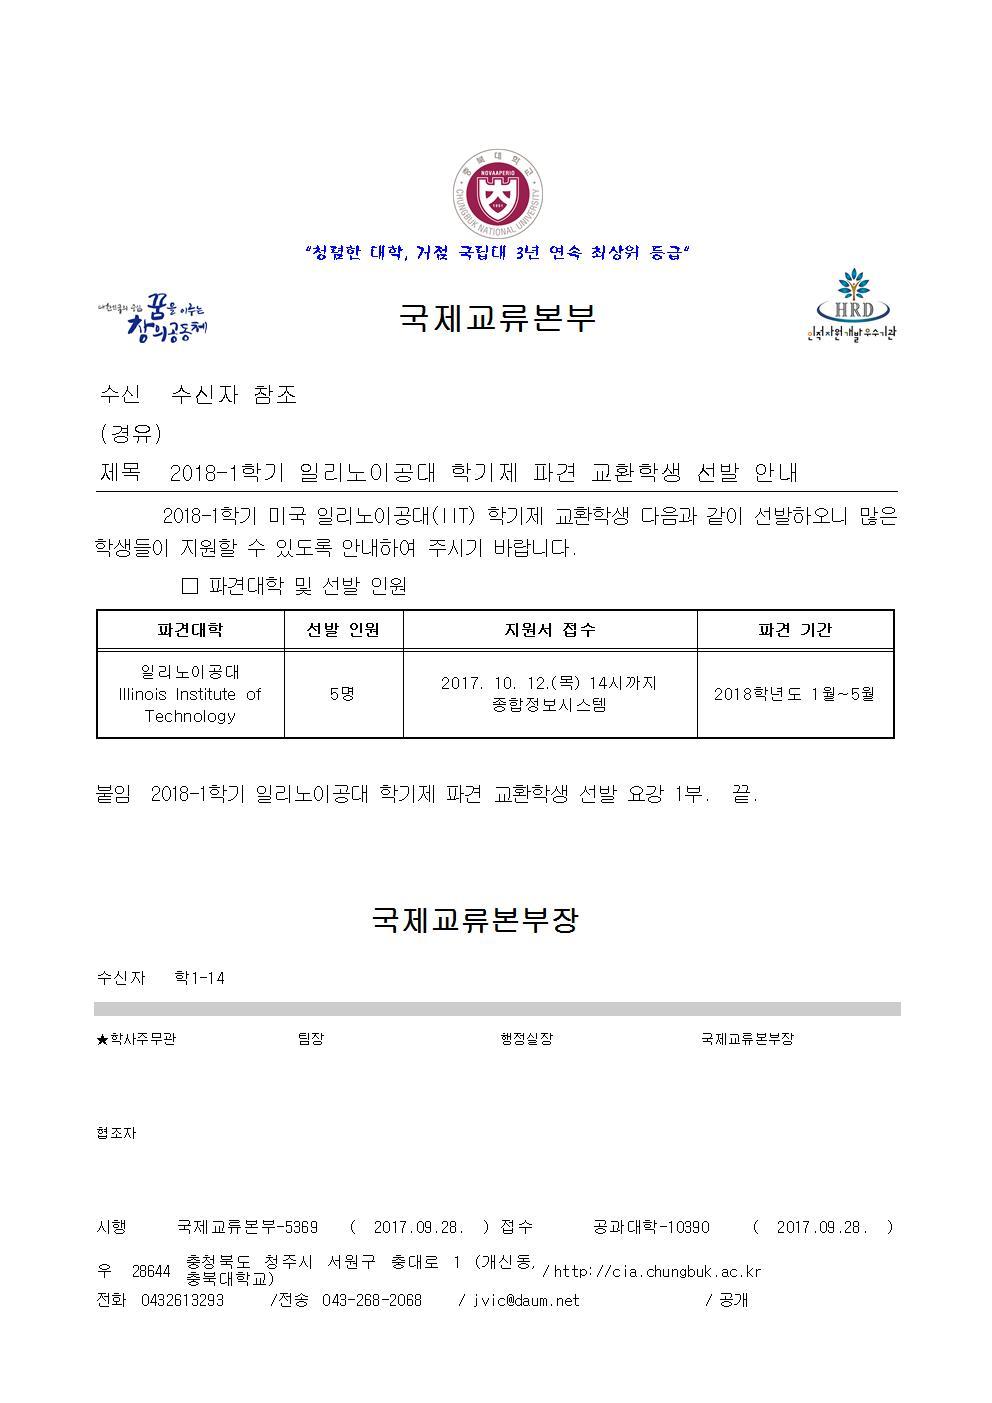 2018-1학기 일리노이공대 학기제 파견 교환학생 선발 안내001.jpg